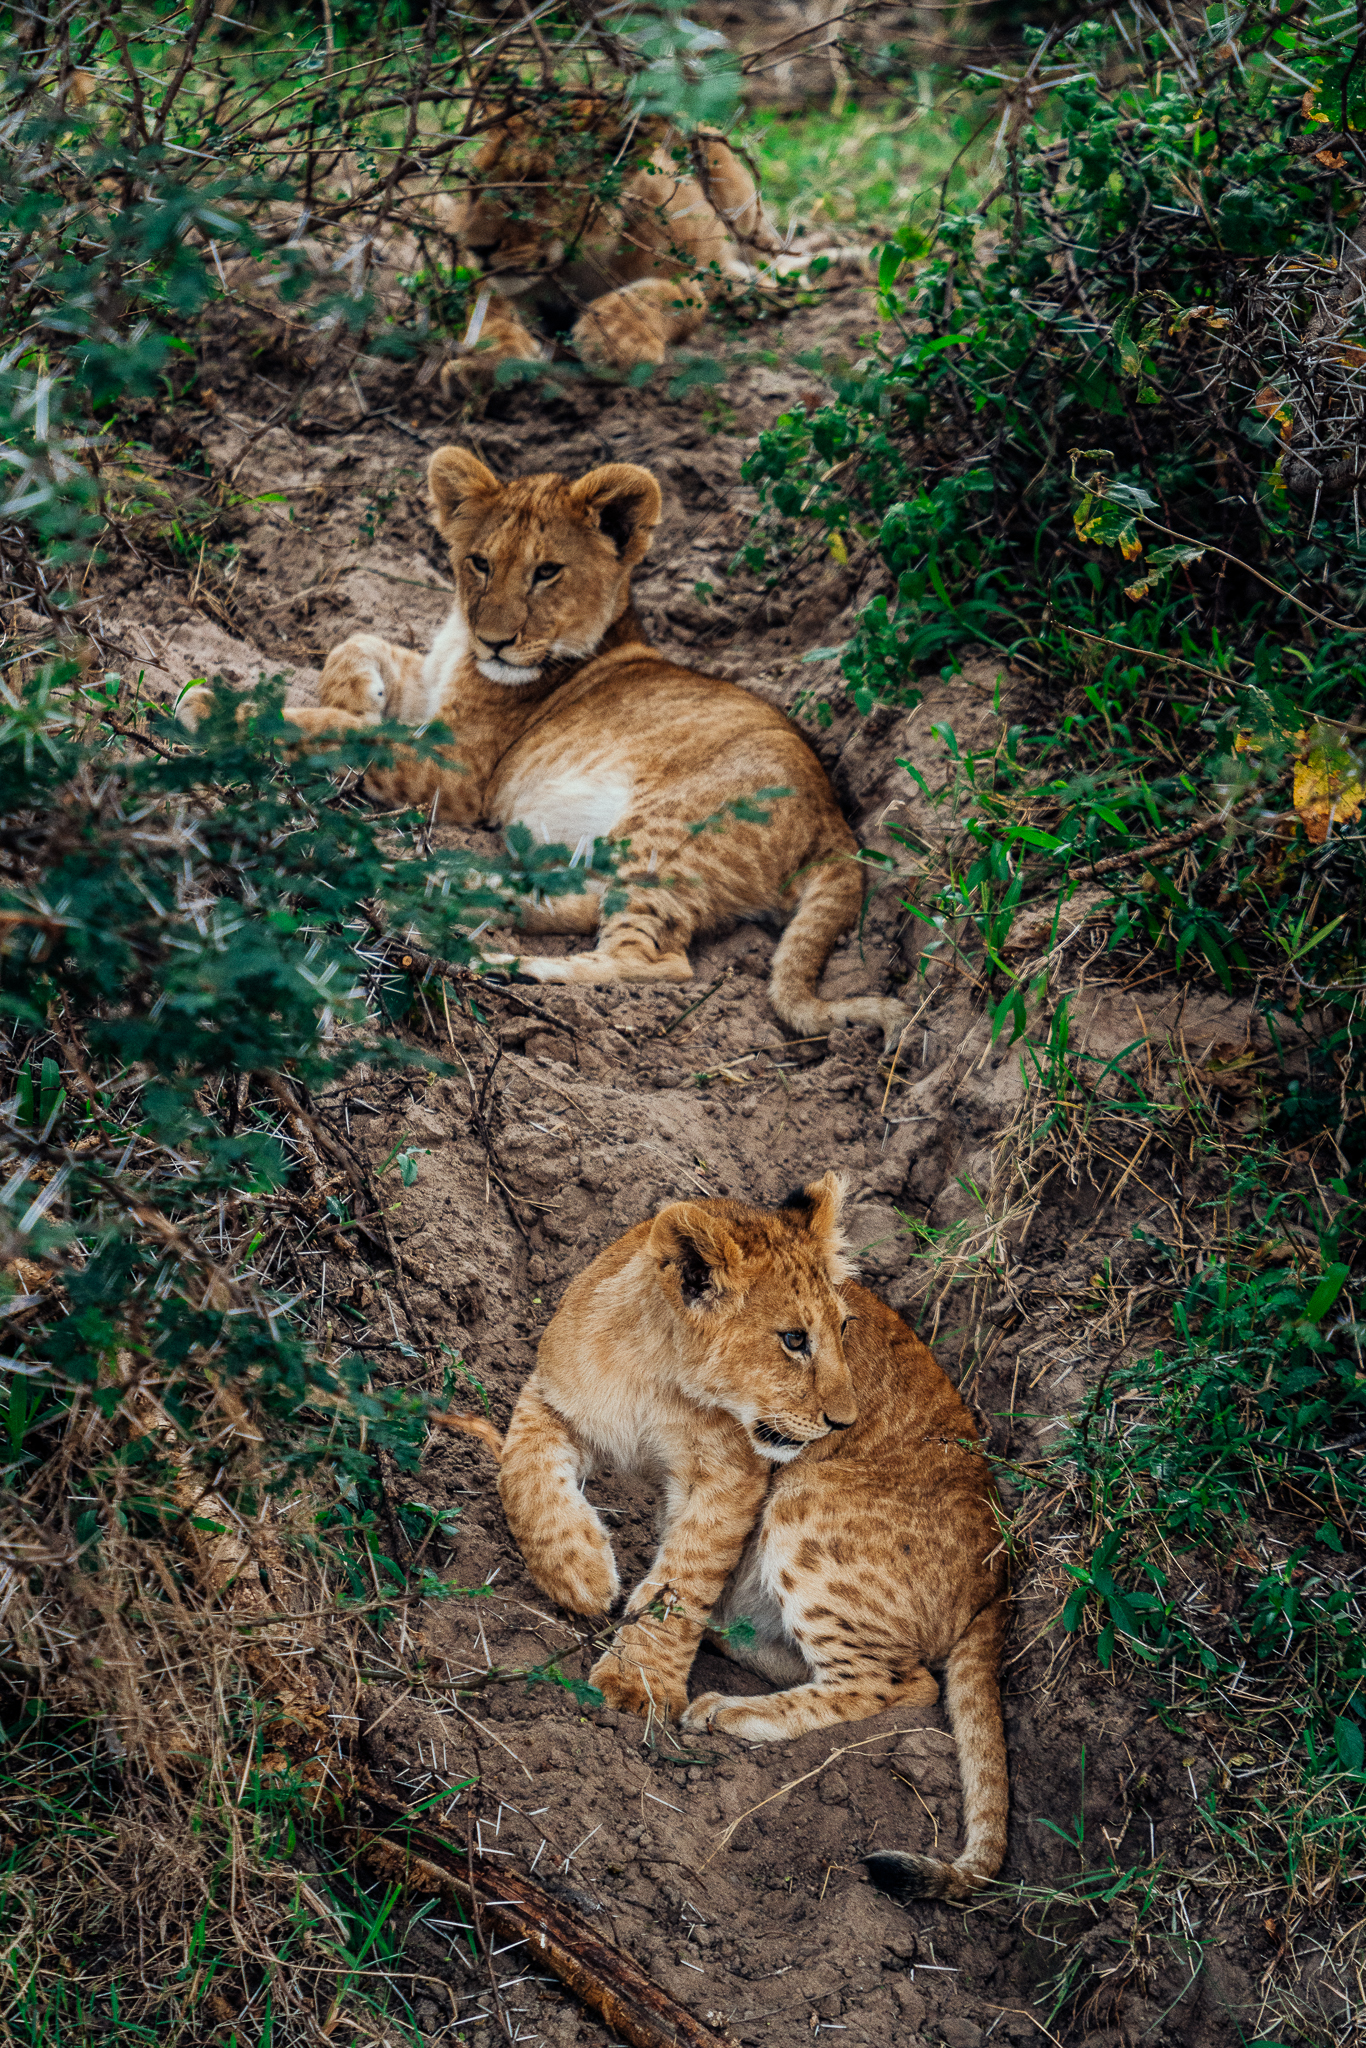 Lion cubs on safari in Kenya, Africa Ph. Dave Krugman